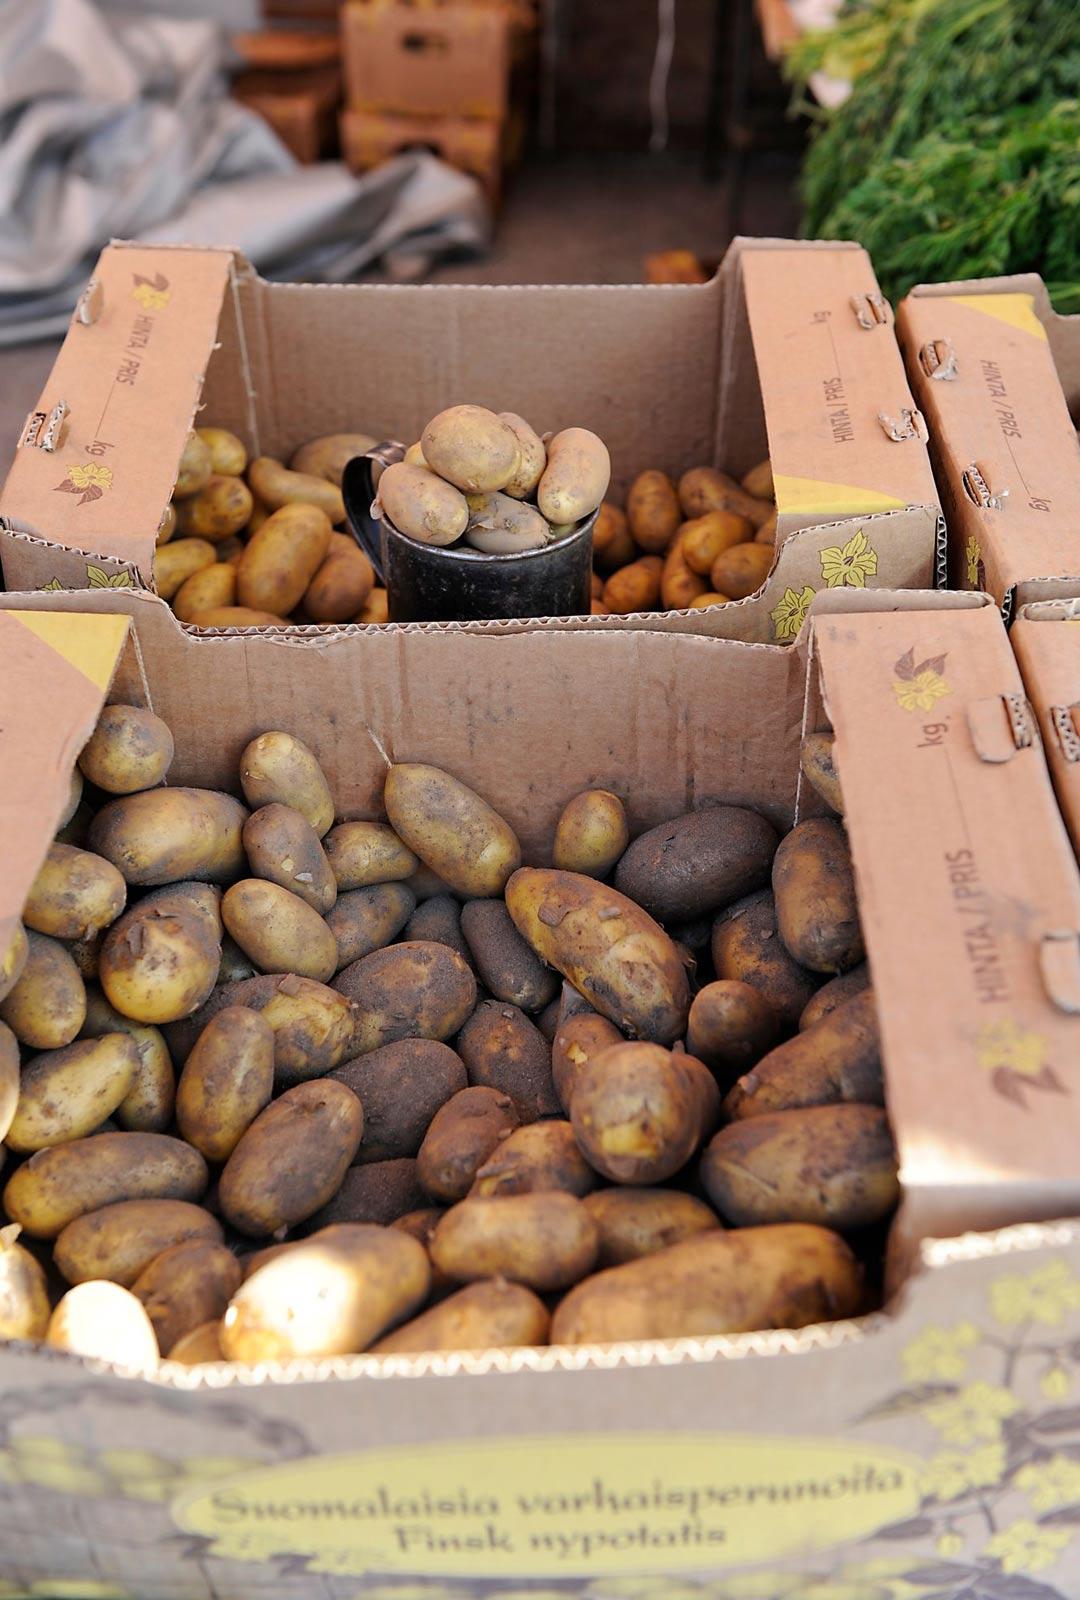 Kristiinankaupunki on maan suurimpia perunantuottajia. Peräti kolmannes ruokaperunasta viljellään täällä 2 000 hehtaarin alueella.